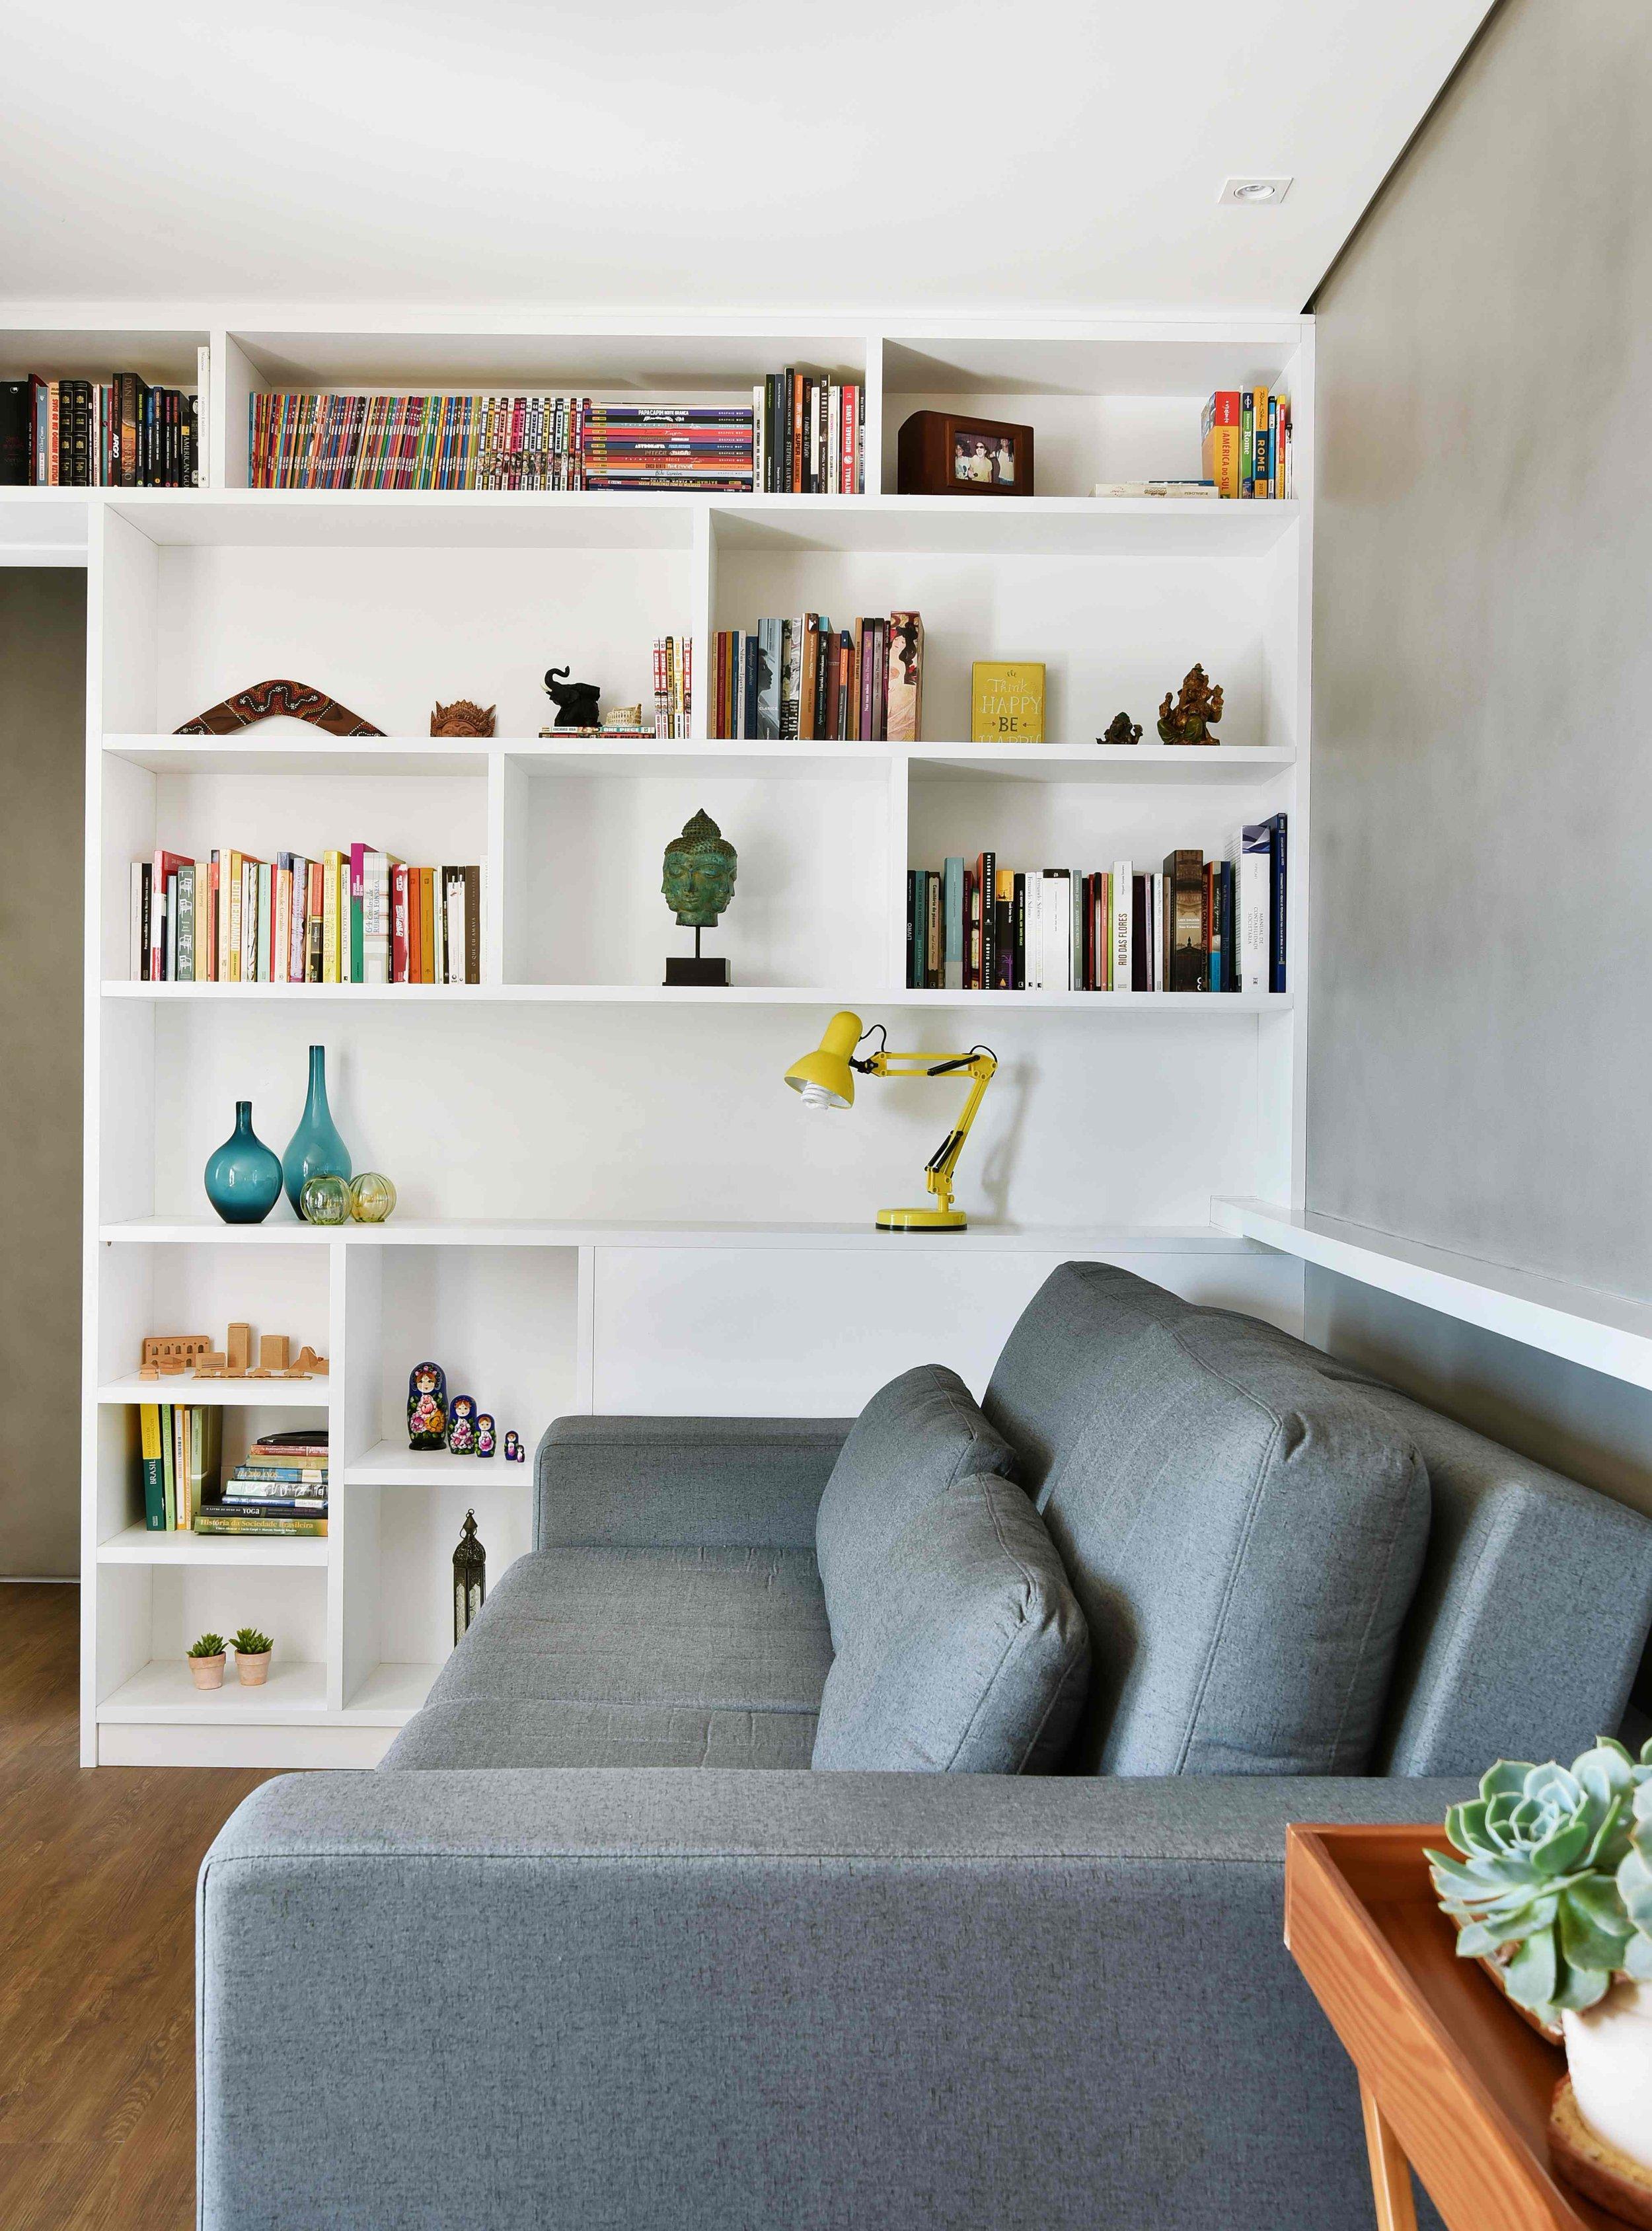 Estante em Marcenaria com acabamento em Fórmica Branca  Projeto e Gerenciamento: Madi Arquitetura & Design  Foto: Sidney Doll